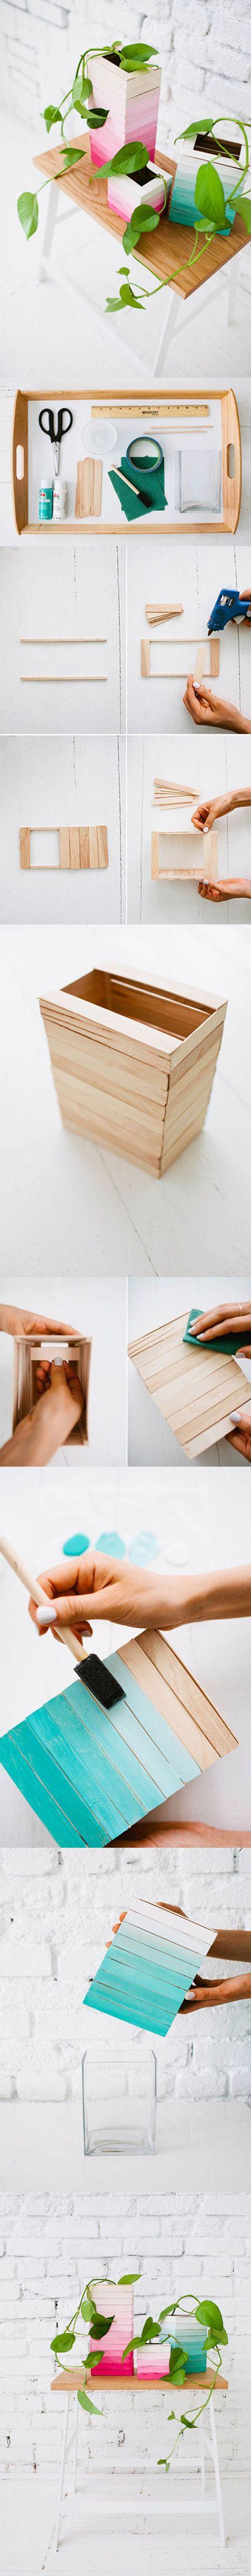 Delicados maceteros de madera para interior / http://www.designlovefest.com/